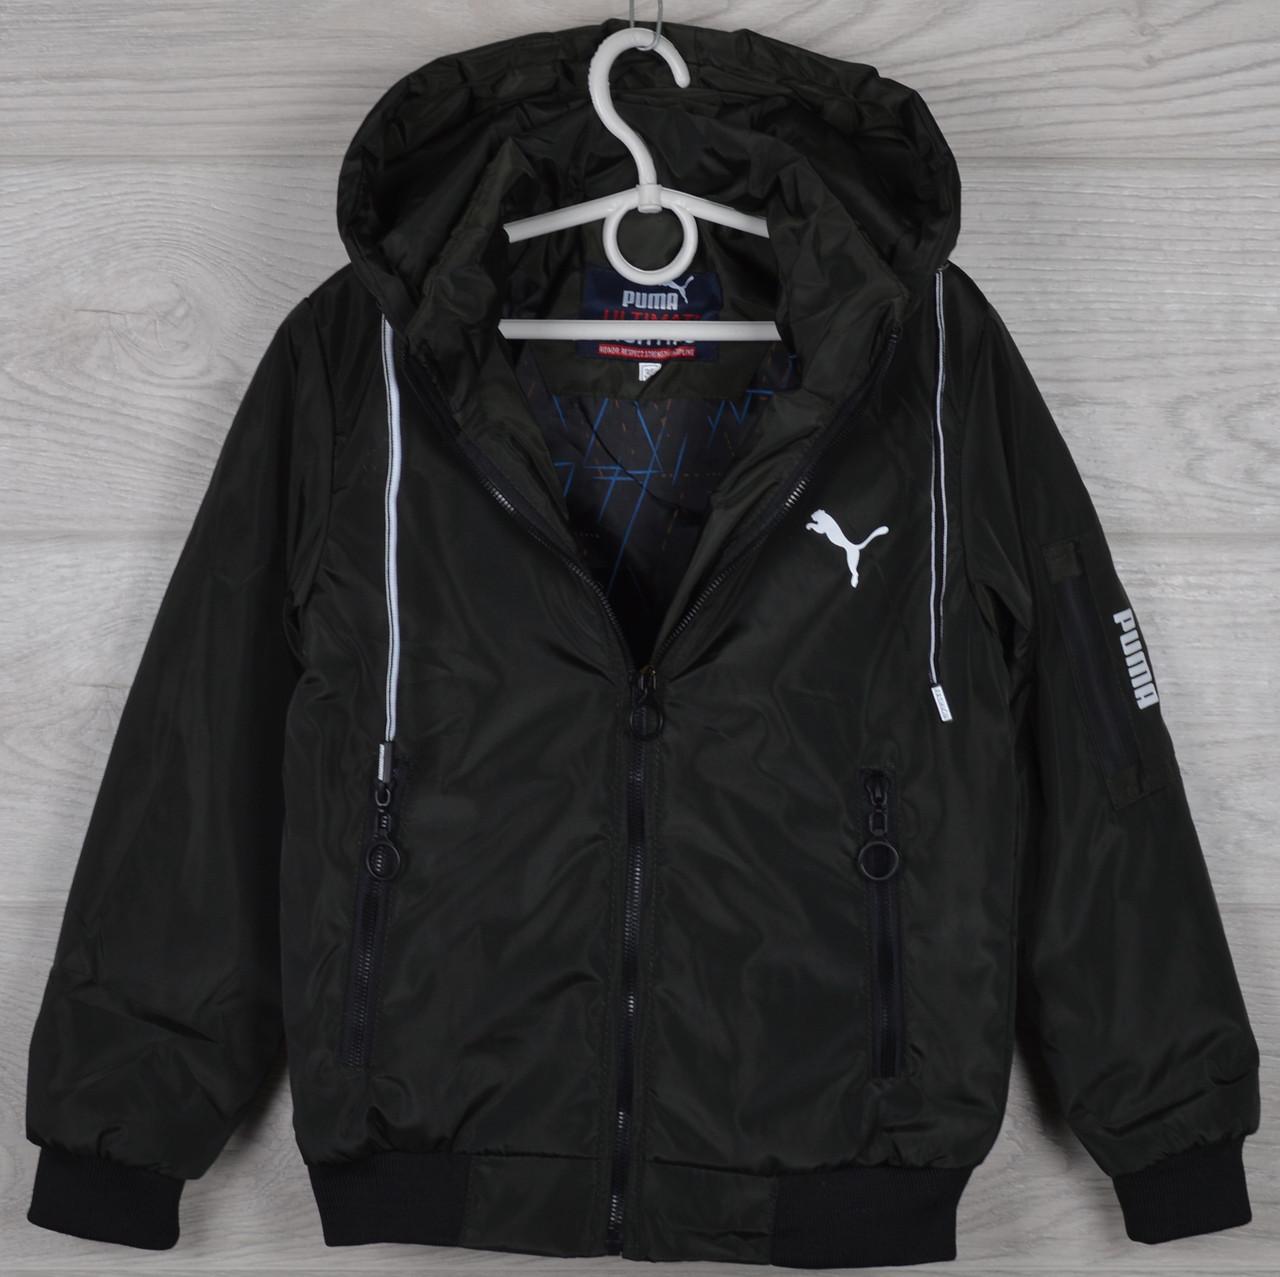 """Куртка подростковая демисезонная """"Puma реплика"""" 8-9-10-11-12 лет (128-152 см). Хаки темный. Оптом."""